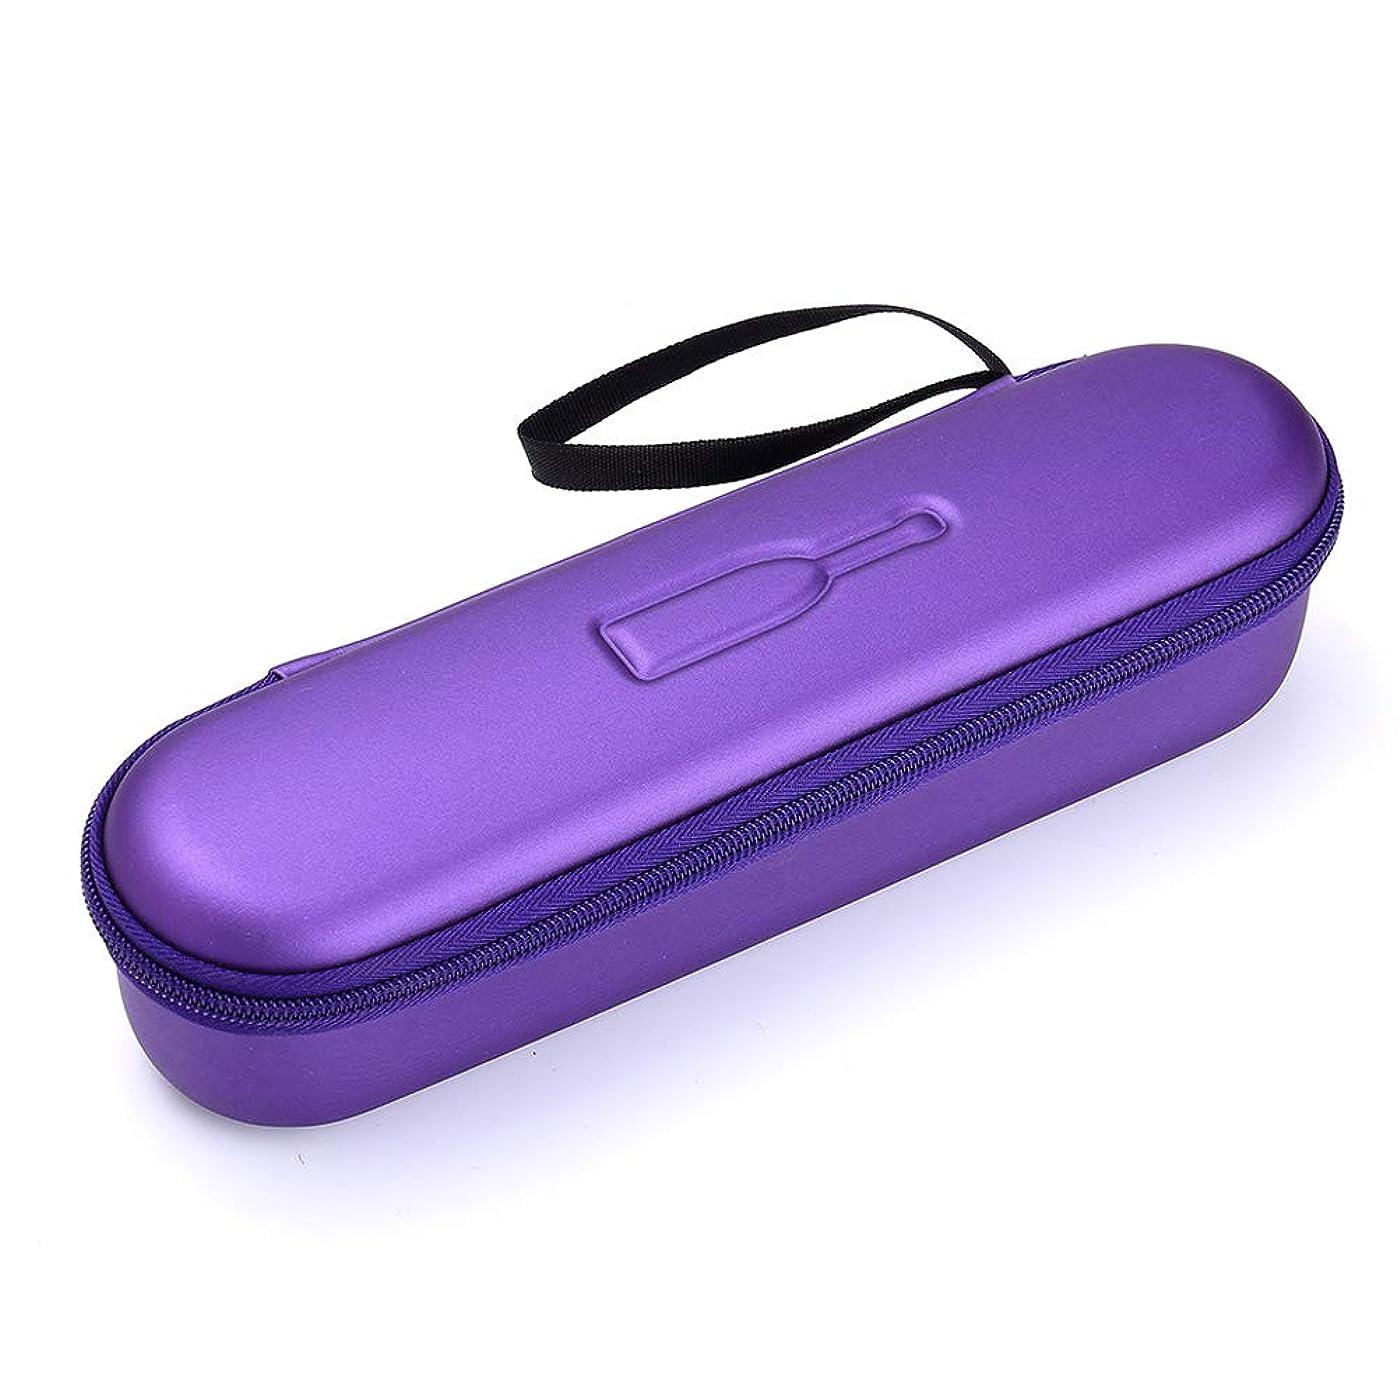 を通して絶壁にHeallily 歯ブラシケース電動歯ブラシコンテナ保護用旅行用収納ケースアウトドア(パープル)